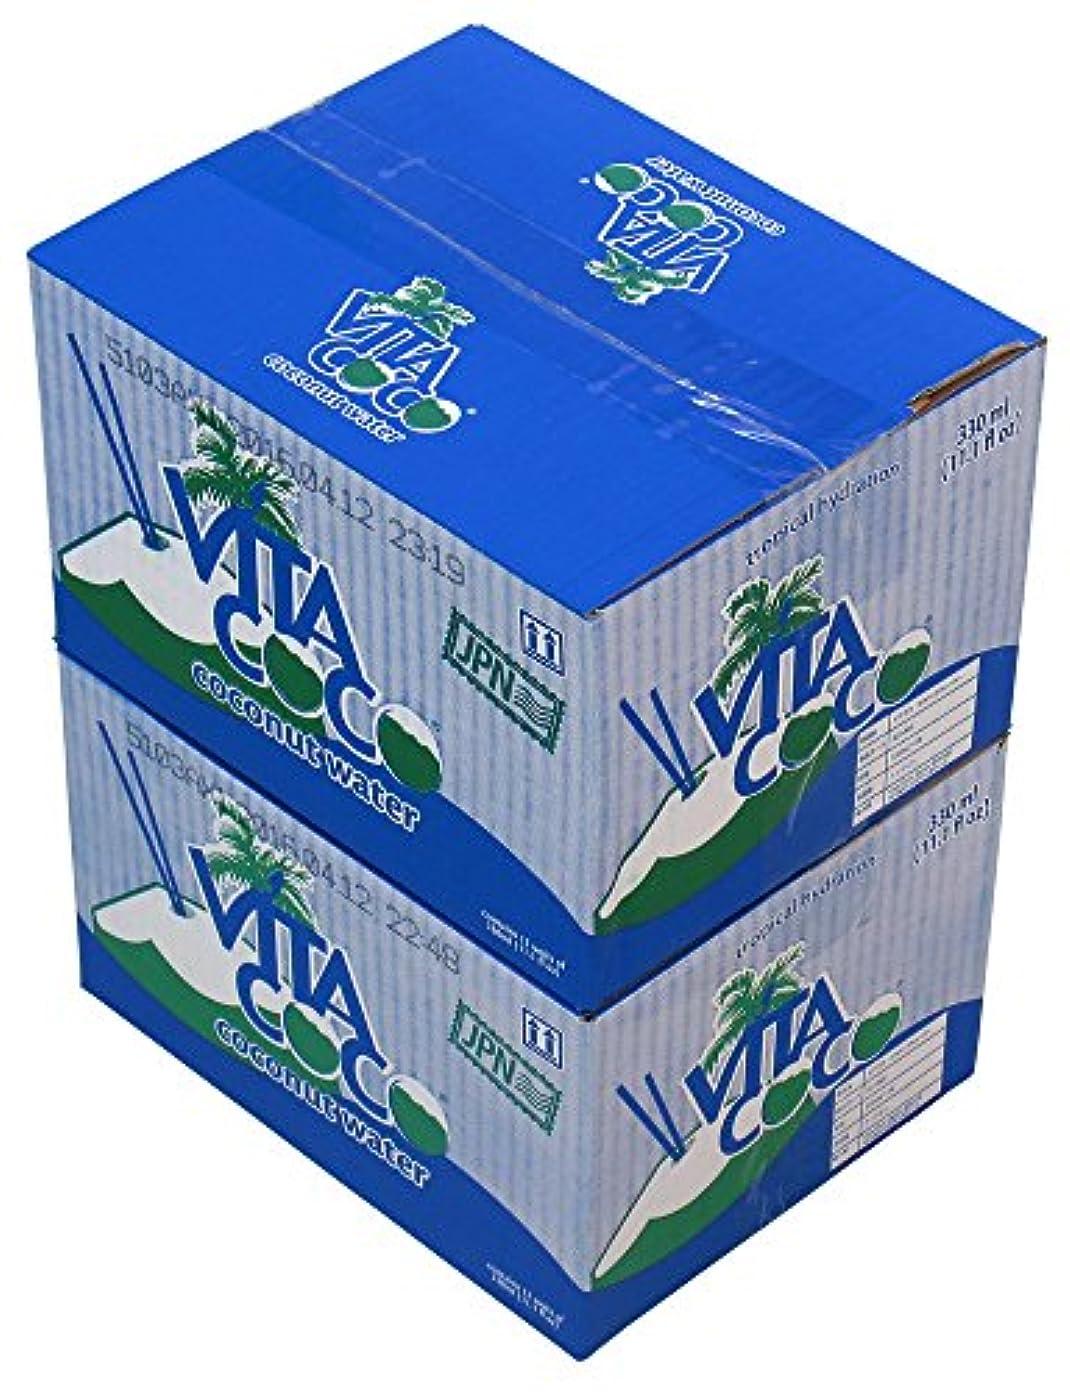 幻滅する不屈無臭Vita Coco(ビタココ) ココナッツウォーター 12本入り×2ケース